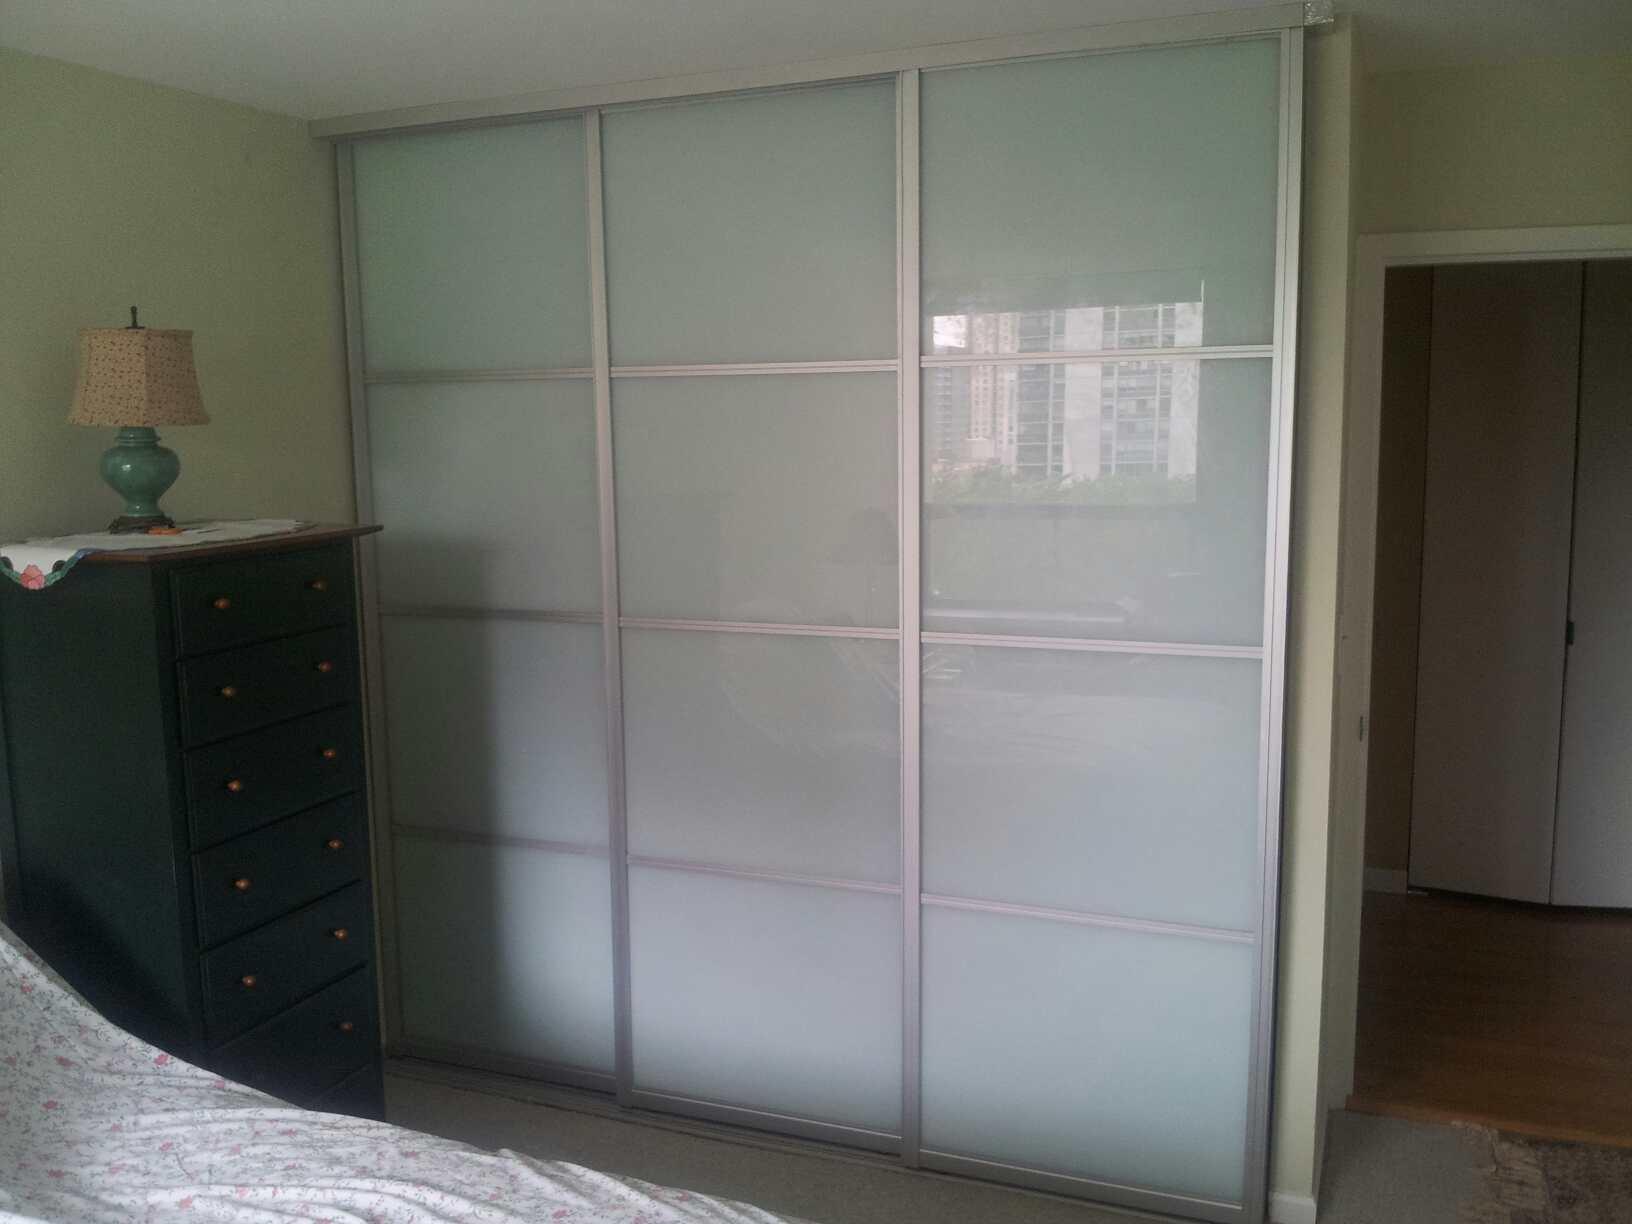 Sliding Closet Doors 3 Panelsthree panel sliding closet doors saudireiki